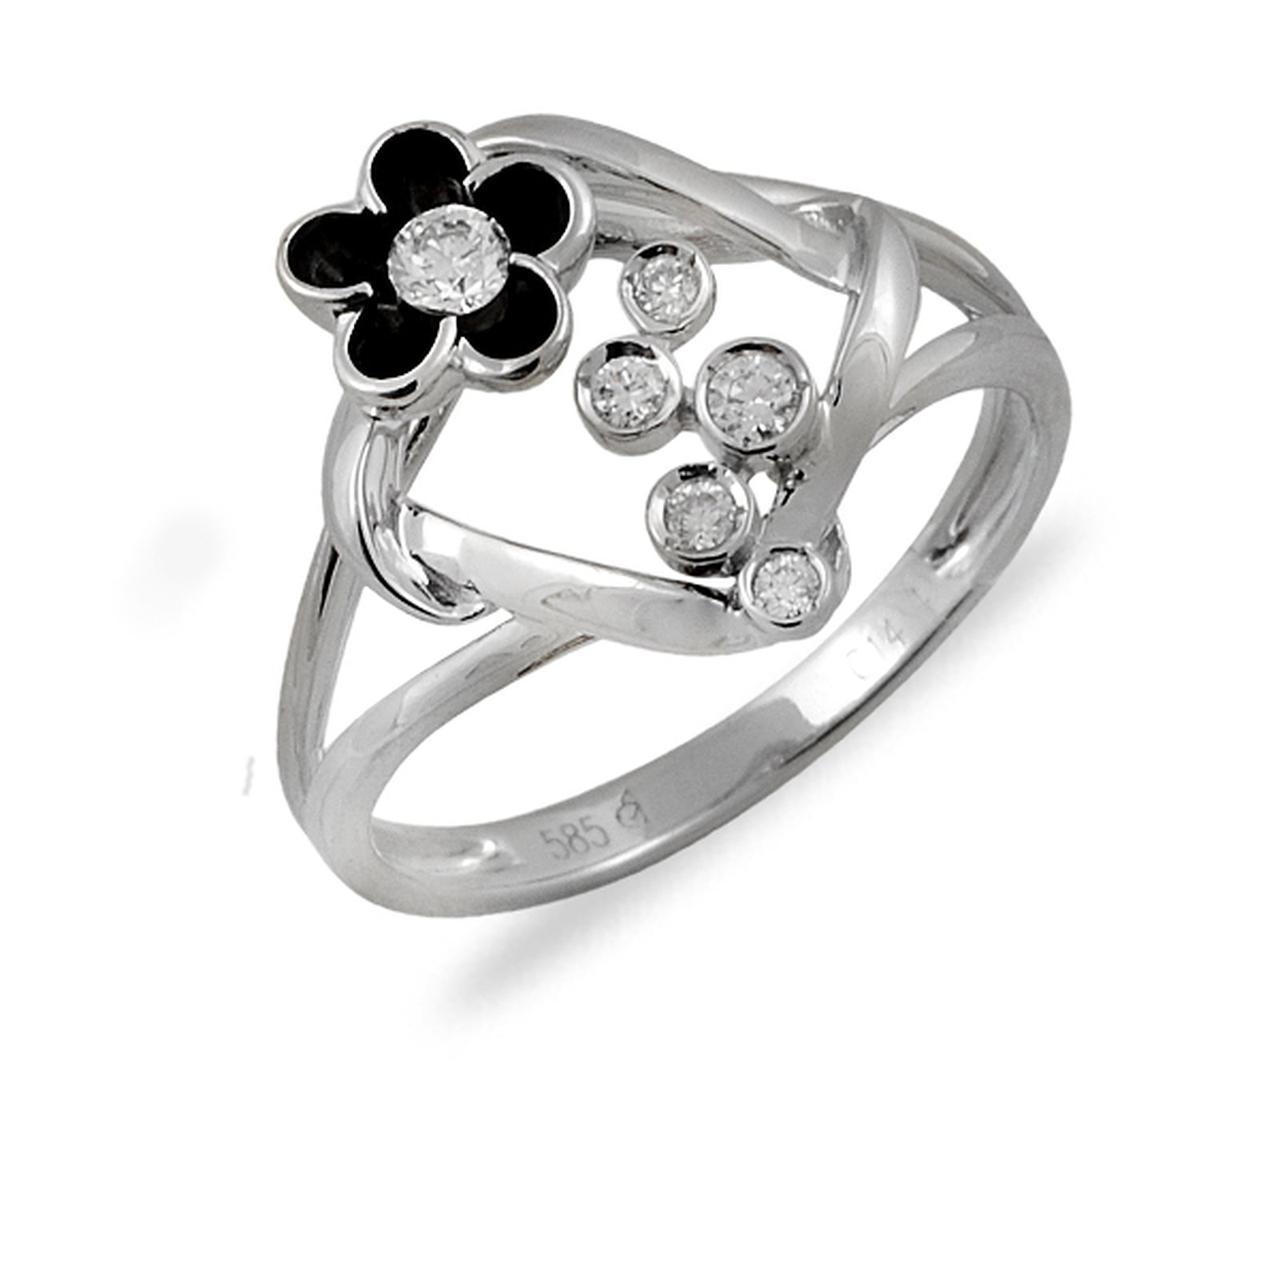 Золотое кольцо с бриллиантами и эмалью, размер 16.5 (014542)